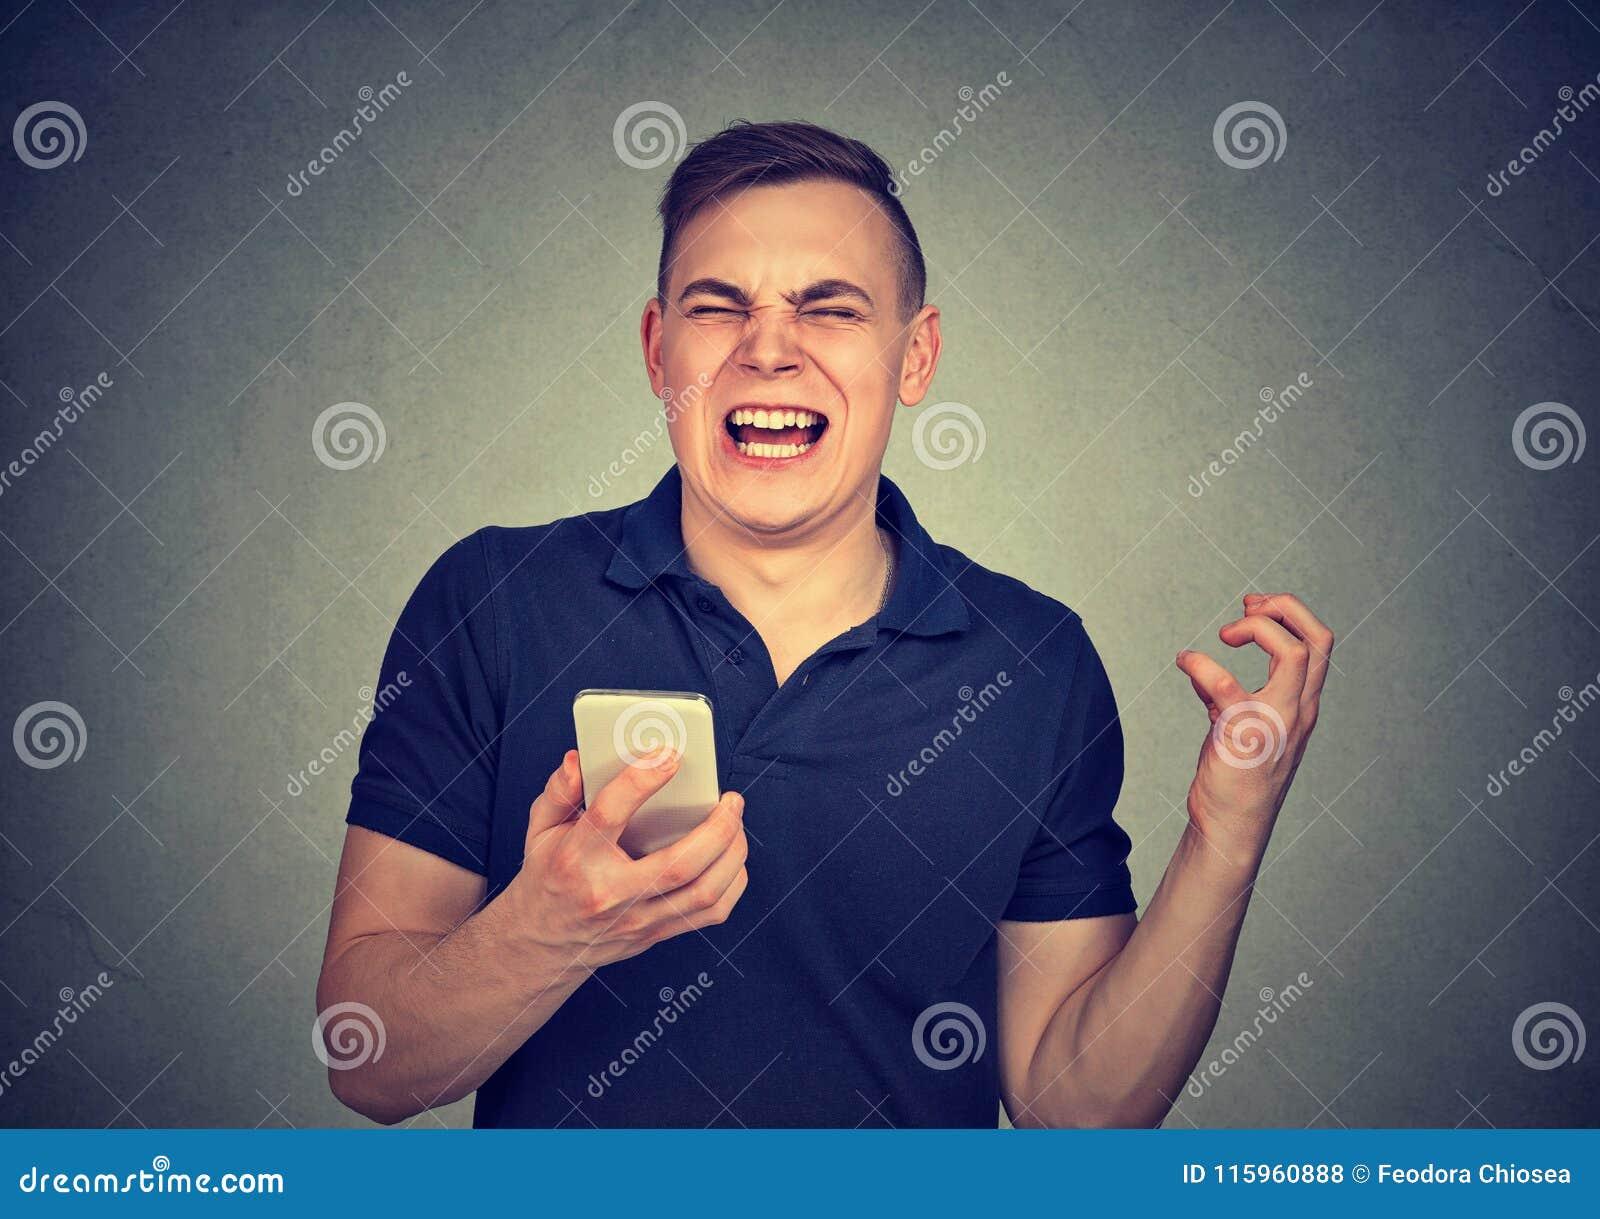 Gritaria irritada do homem em seu telefone celular, irritado com o serviço mau de má qualidade do smartphone